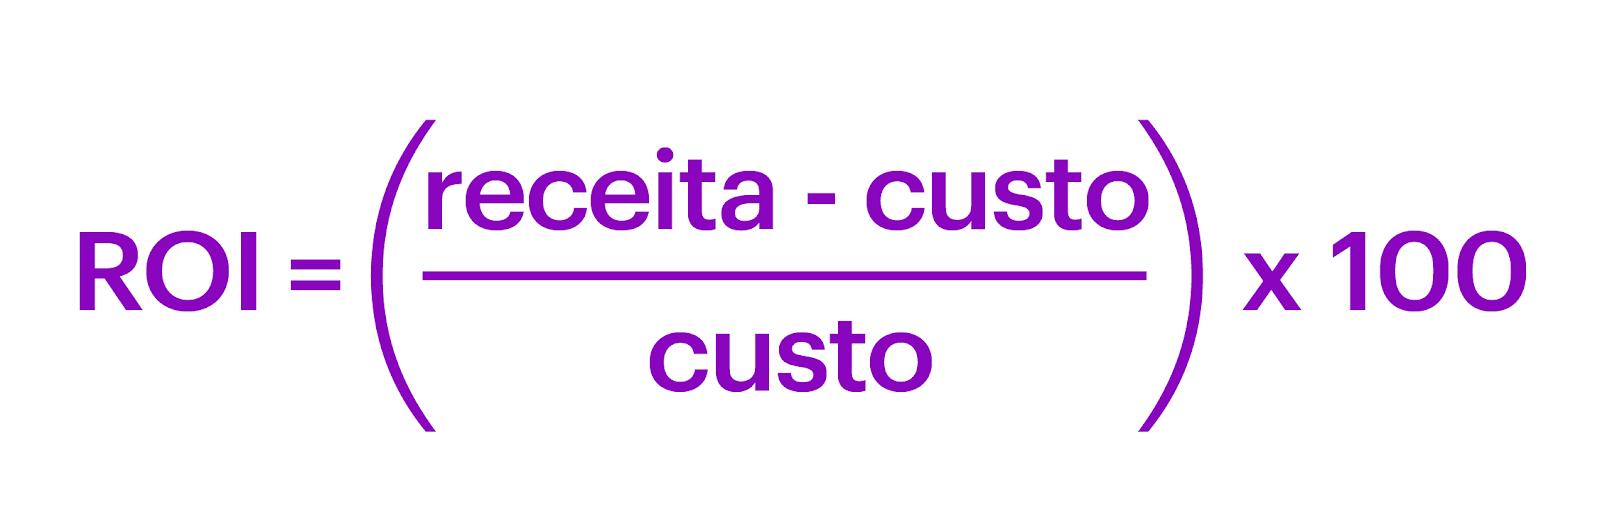 ROI: imagem com a fórmula ROI = (receita – custo) / custo X 100